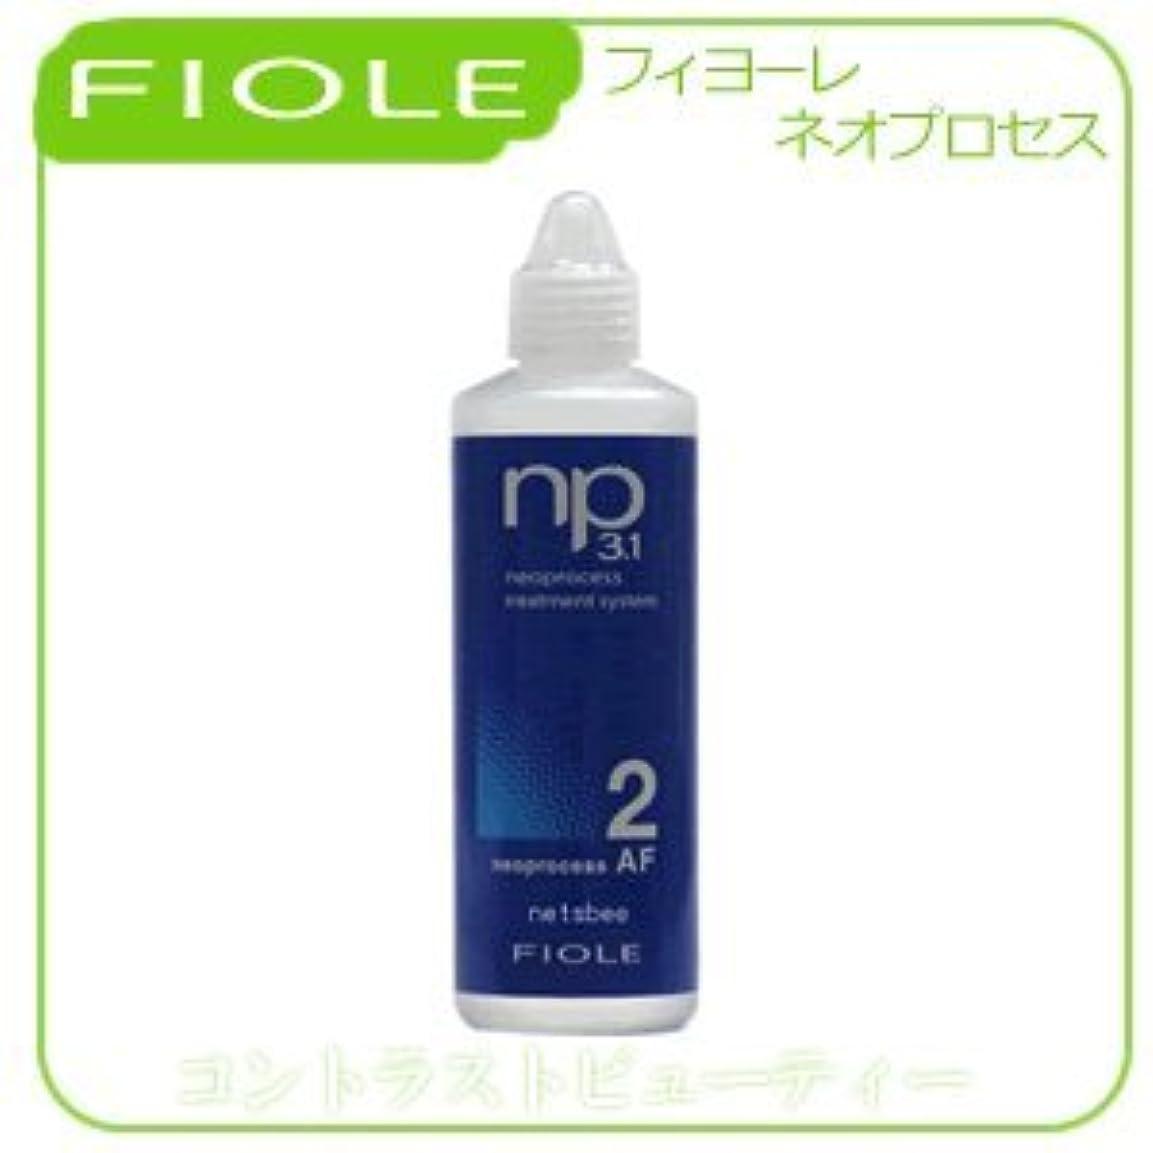 配管強度ペルメル【X4個セット】 フィヨーレ NP3.1 ネオプロセス AF2 130ml FIOLE ネオプロセス